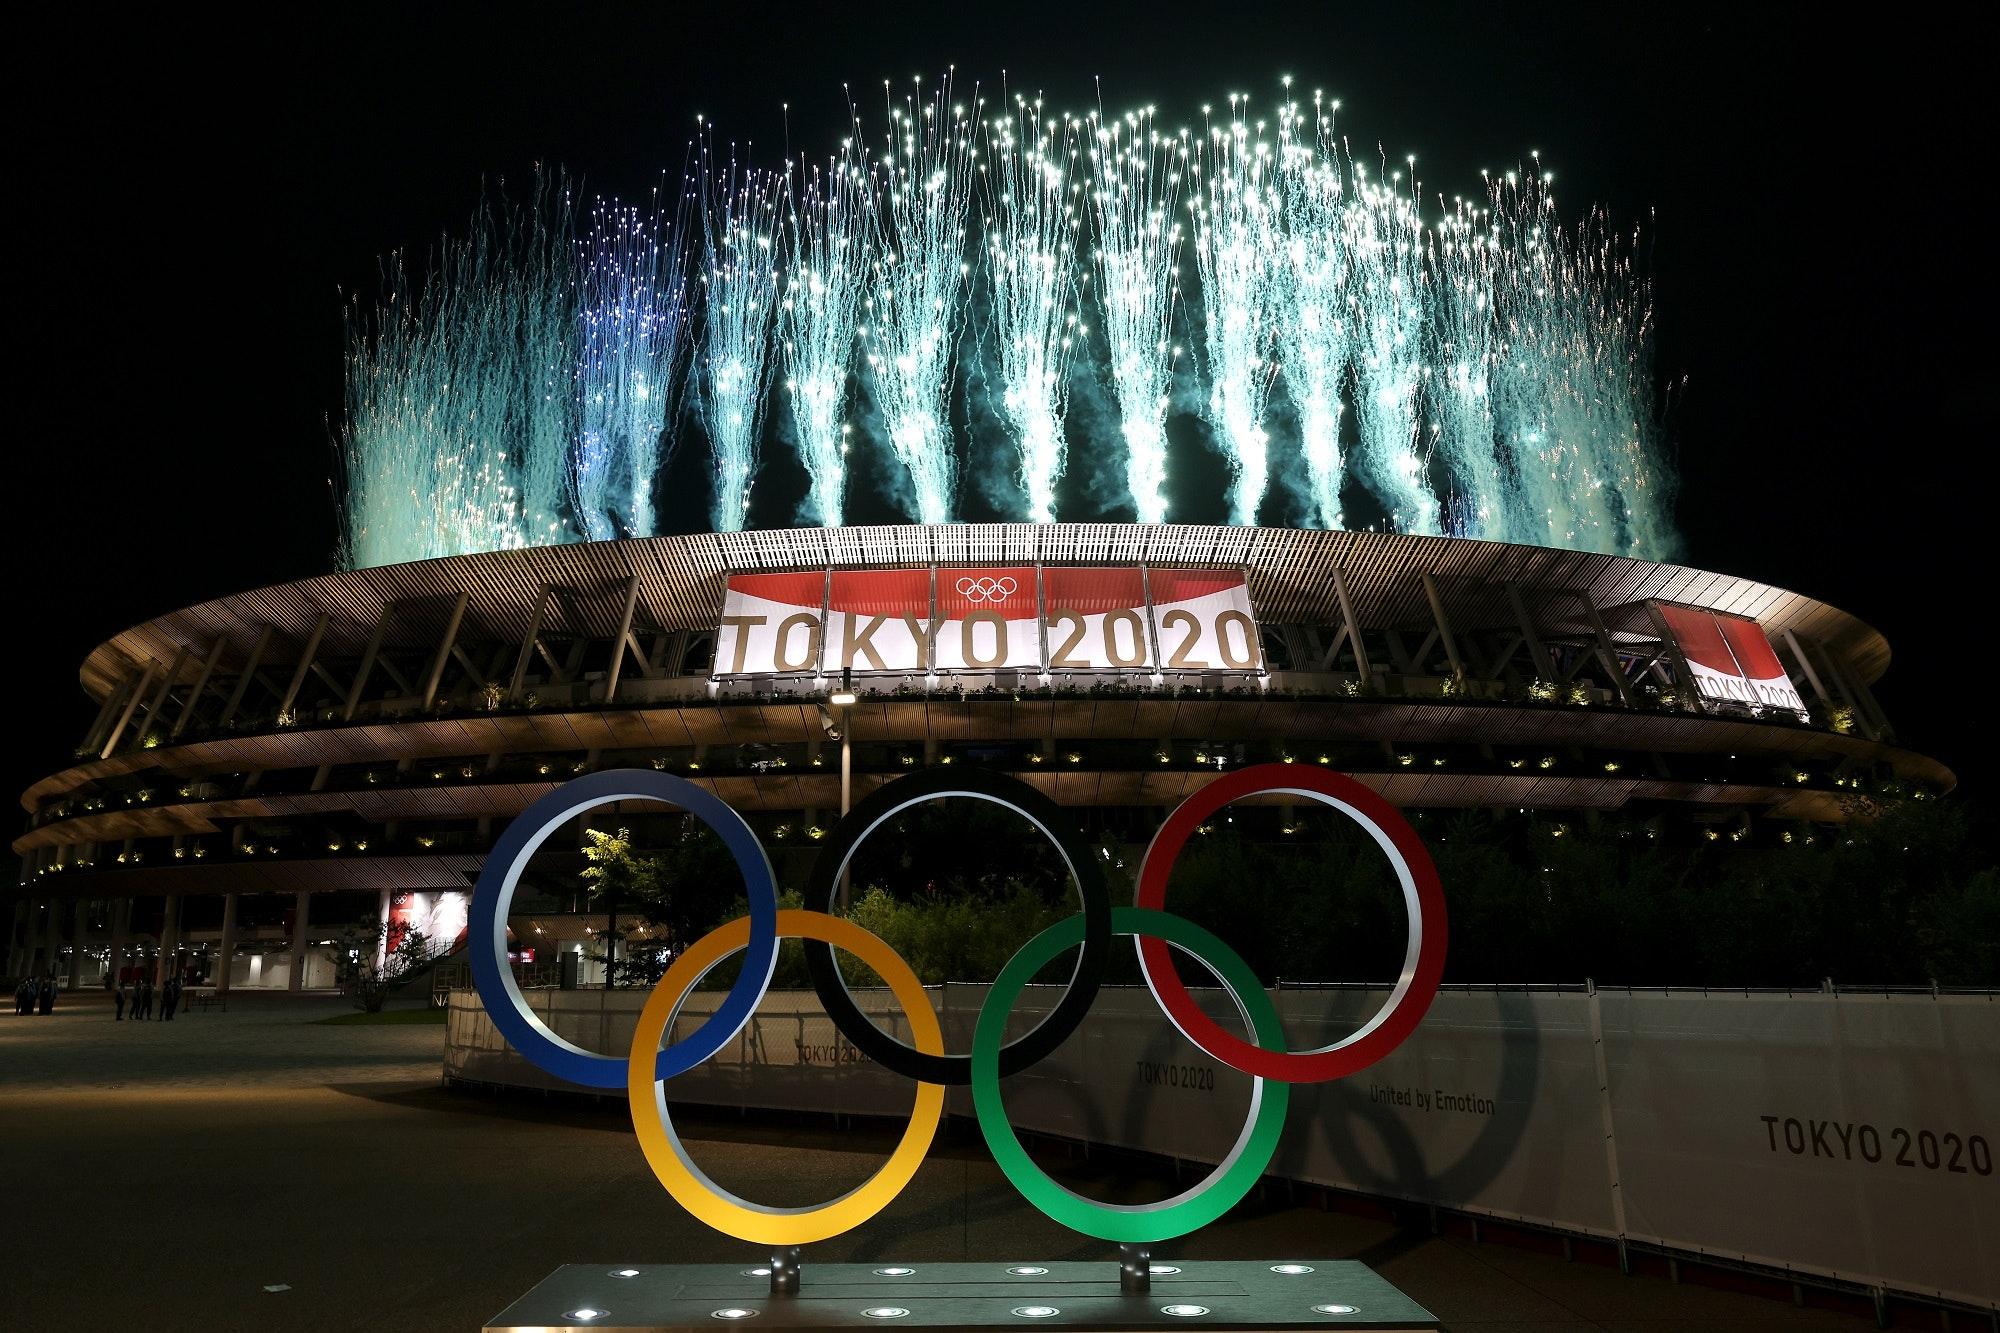 Igrzyska olimpijskie Tokio - ceremonia otwarcia